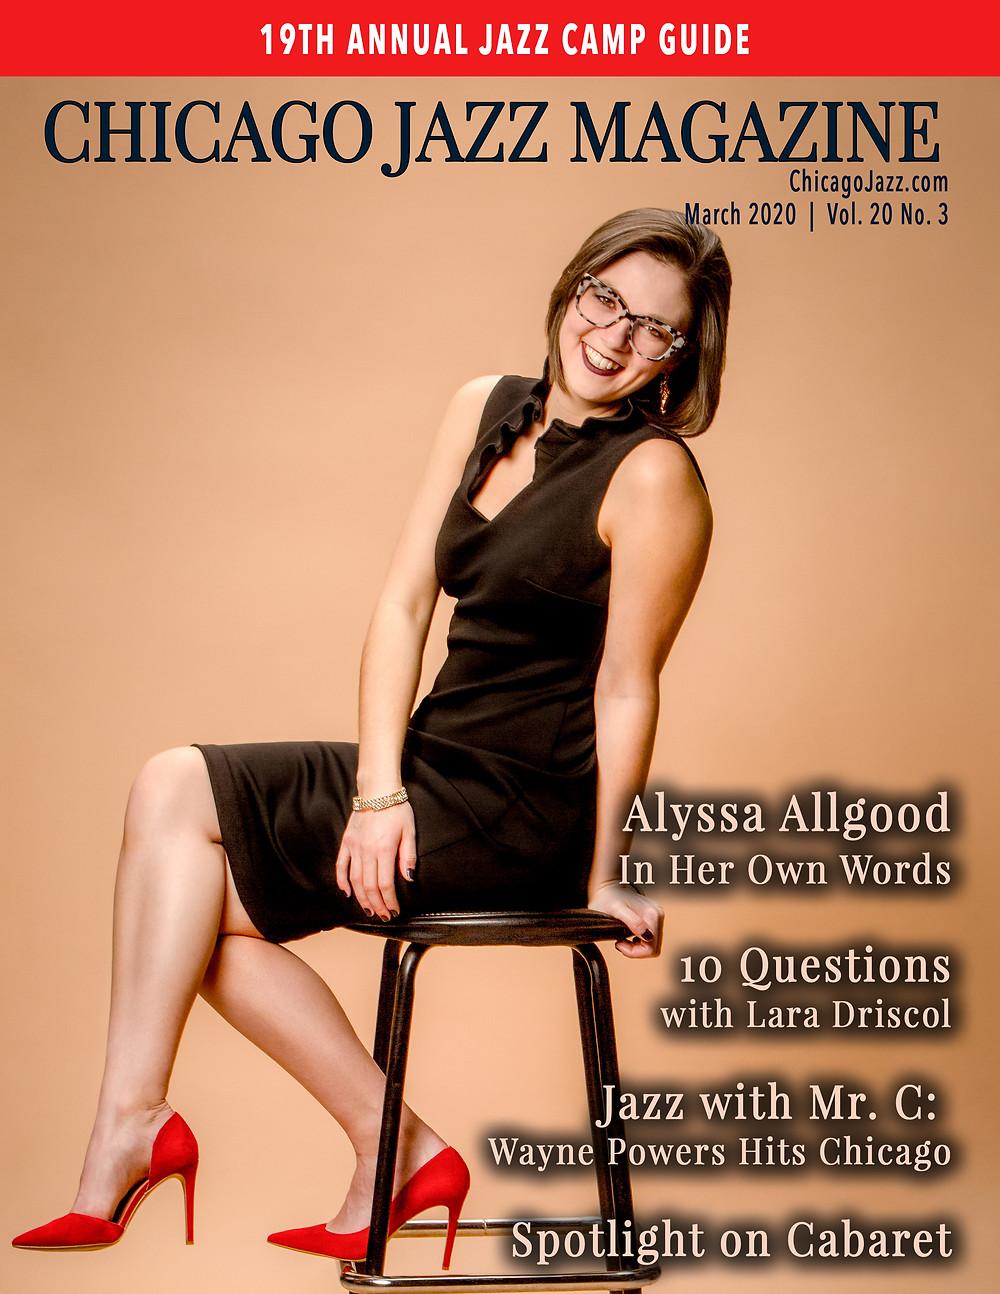 Chicago Jazz Magazine Cover with Alyssa Allgood